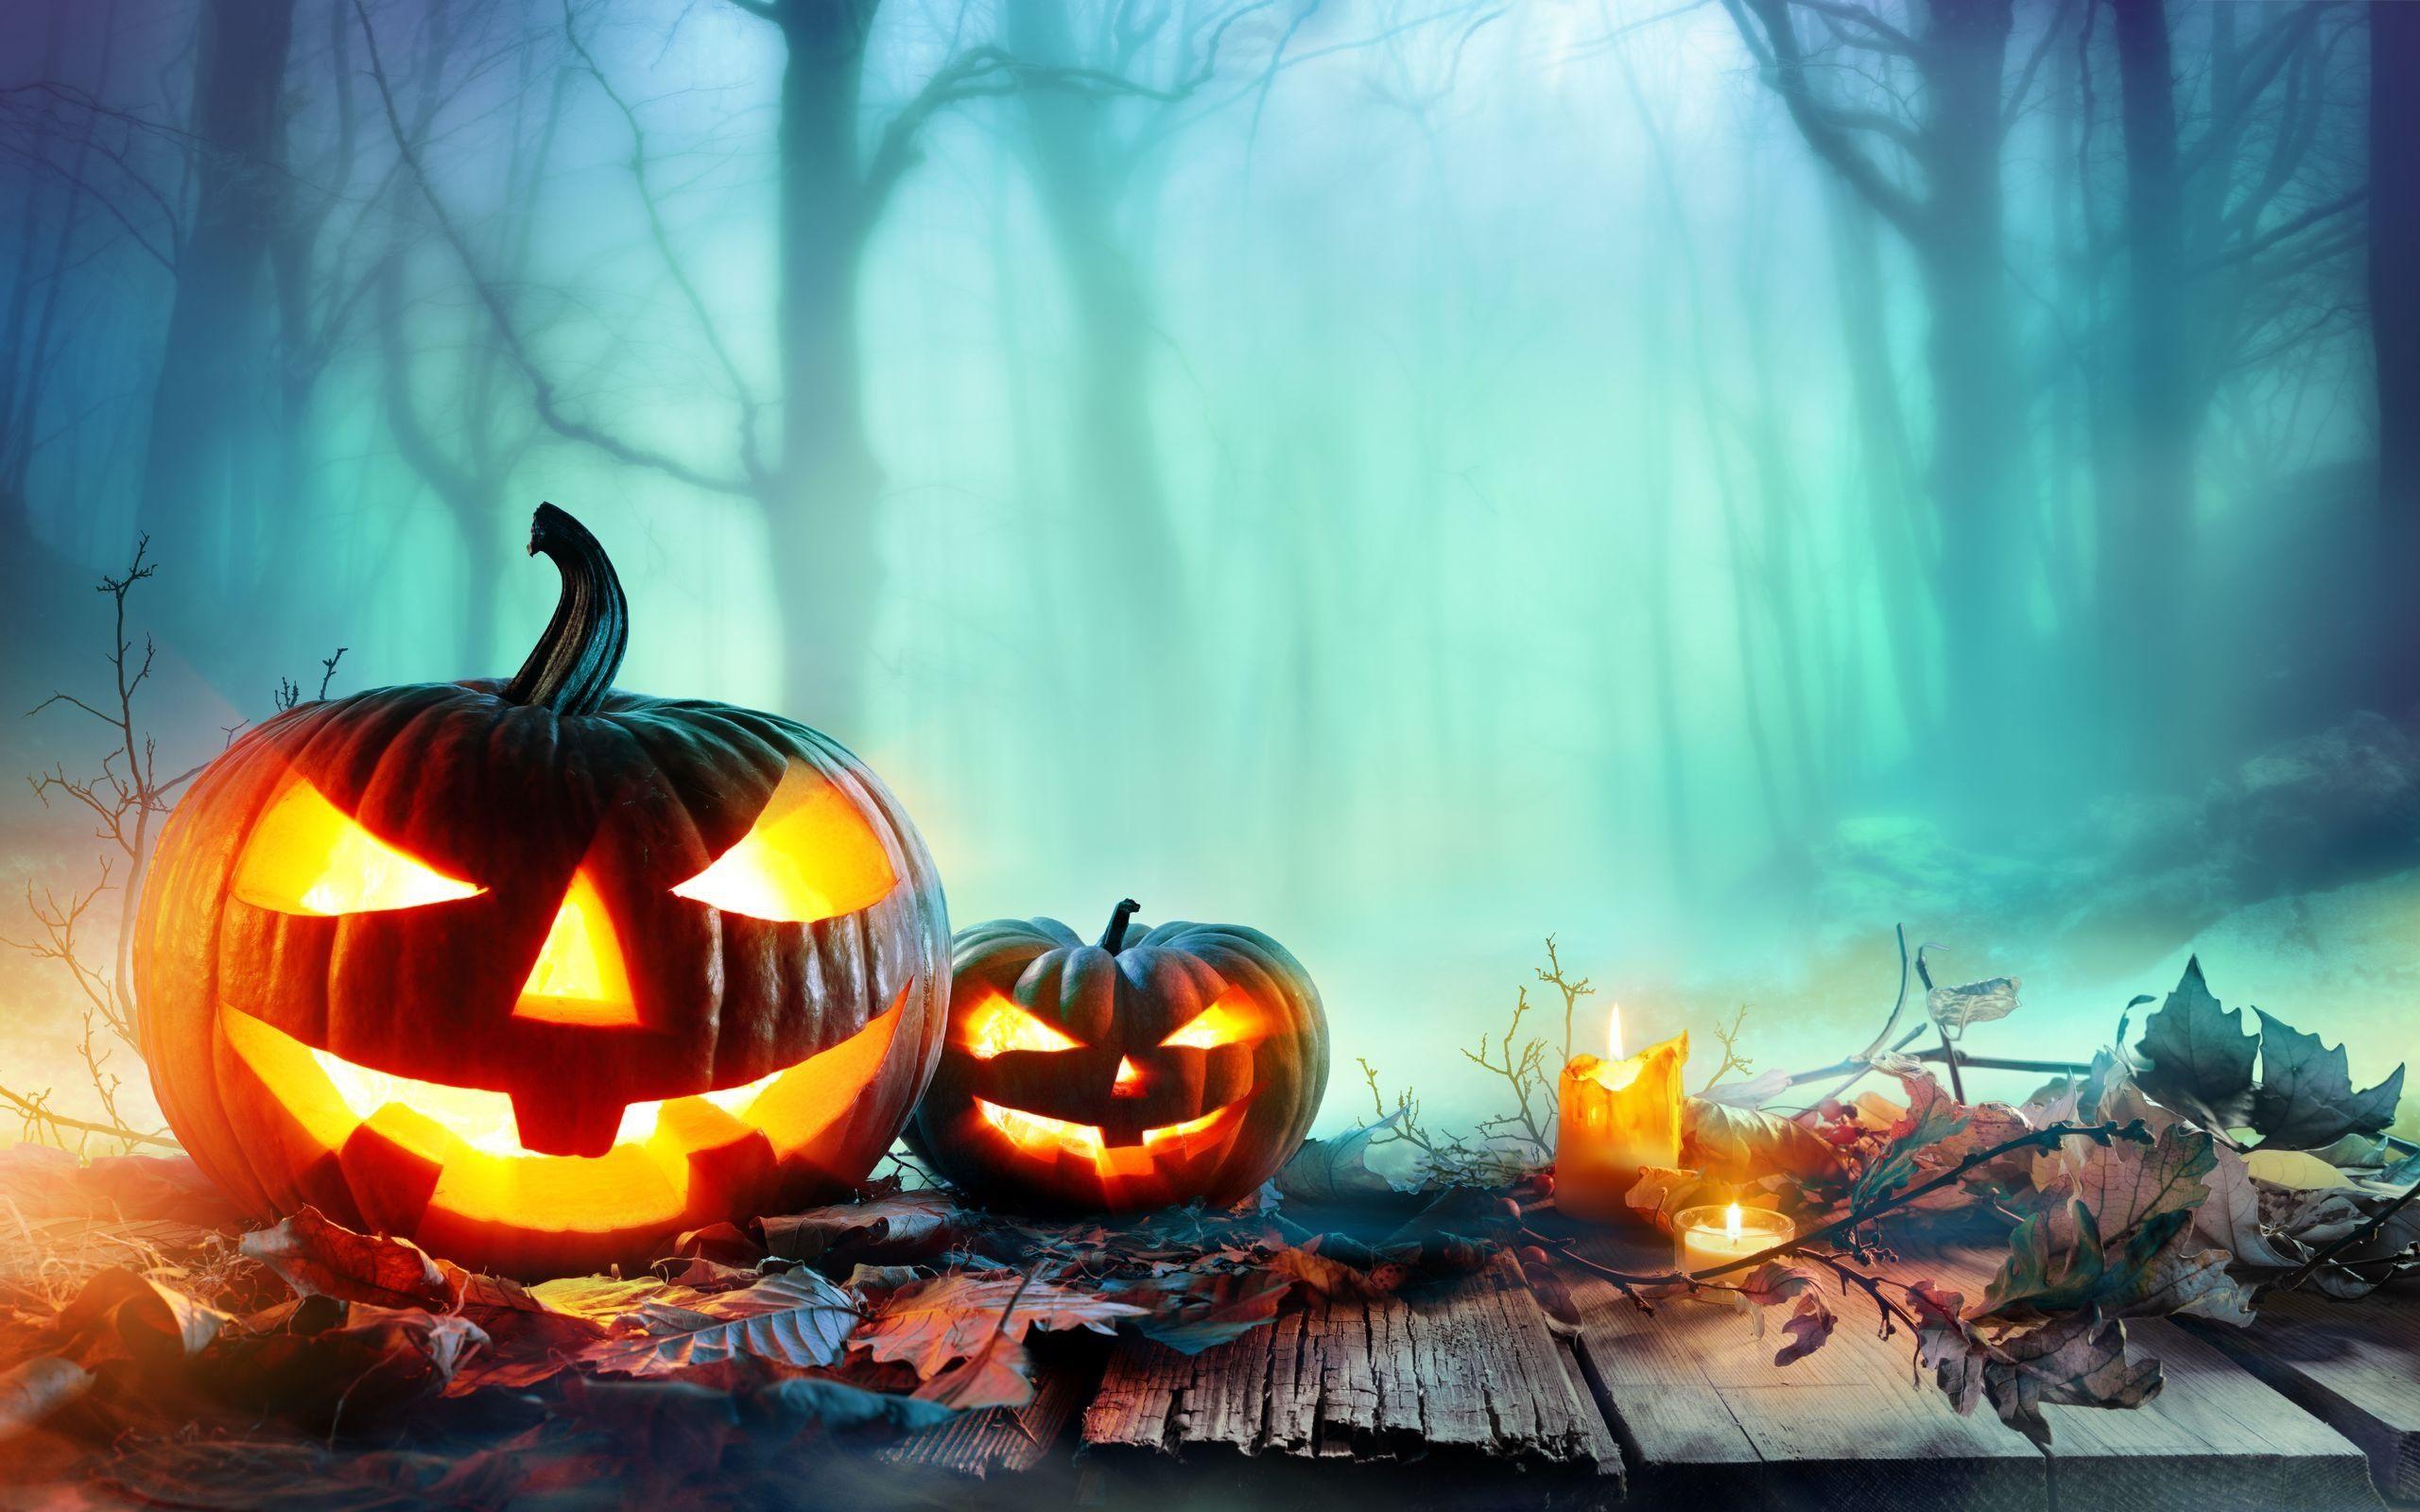 pumpkin wallpaper cute